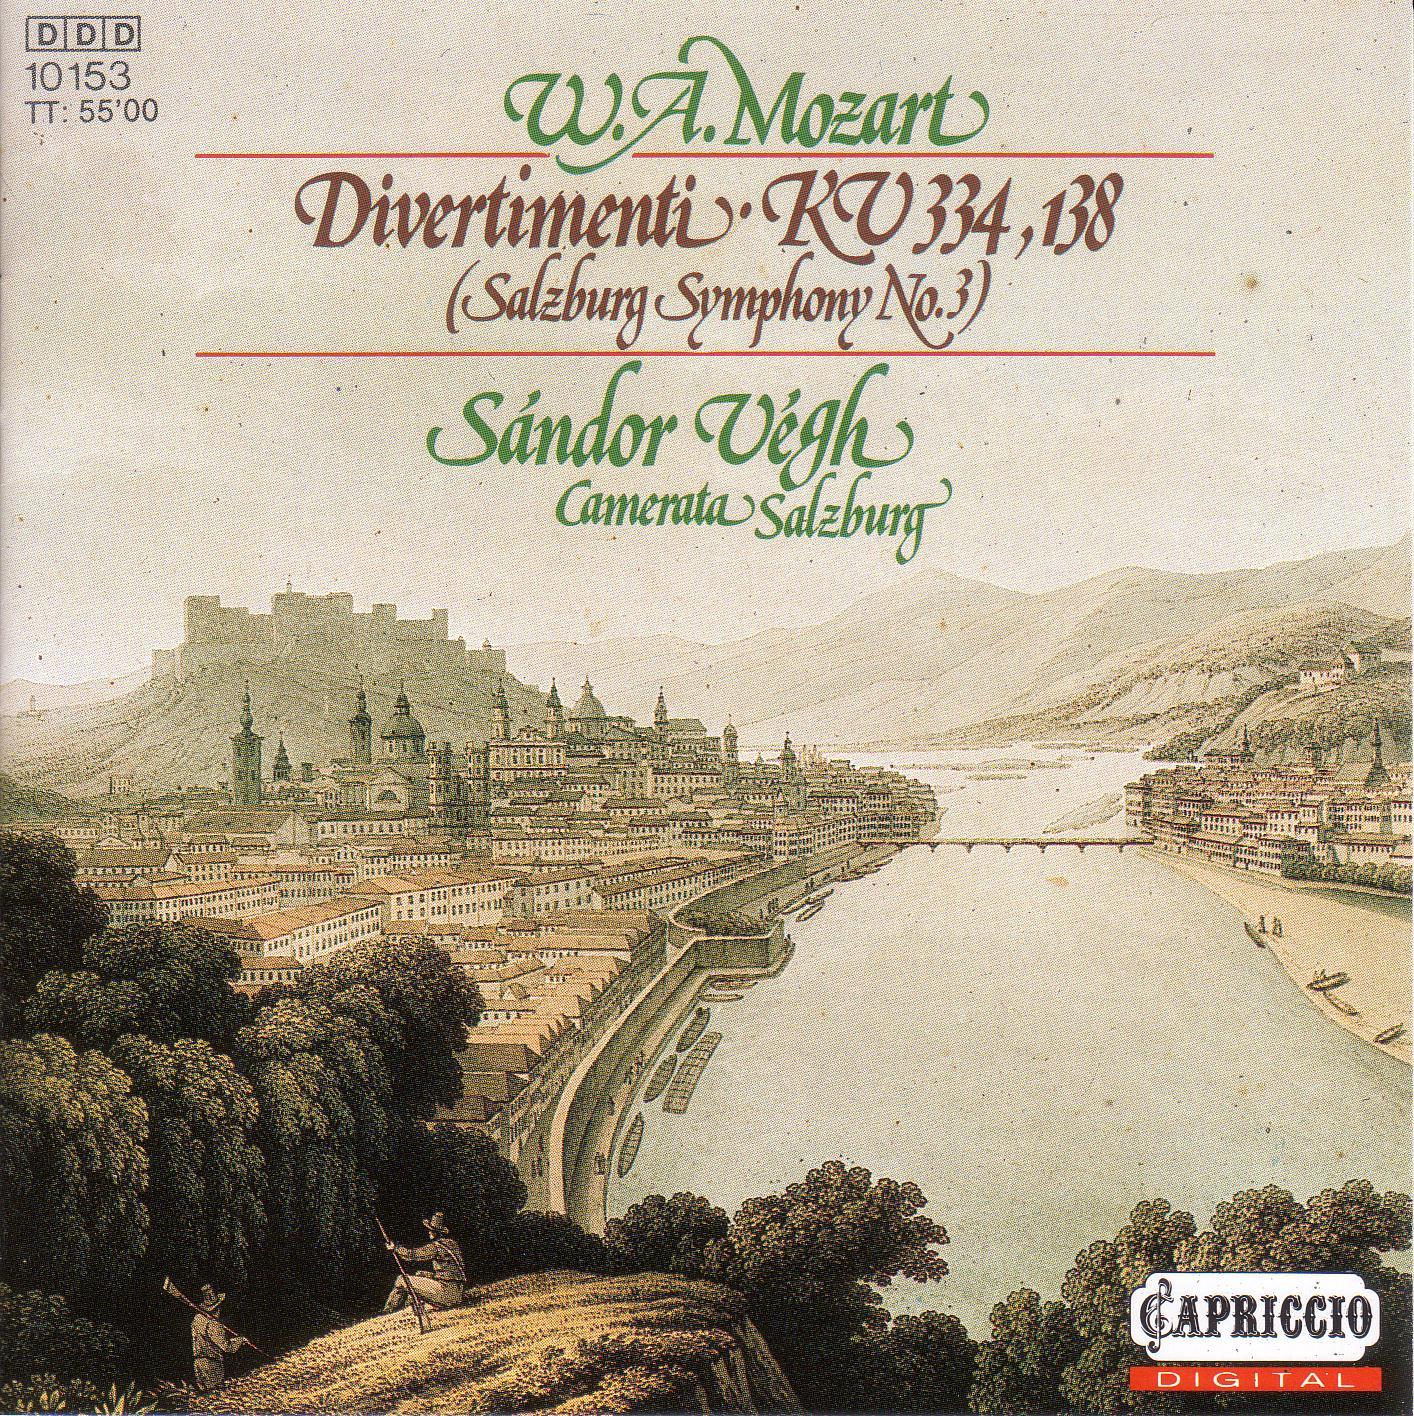 MOZART, W A : Divertimento No  17 / Salzburg Symphony No  3